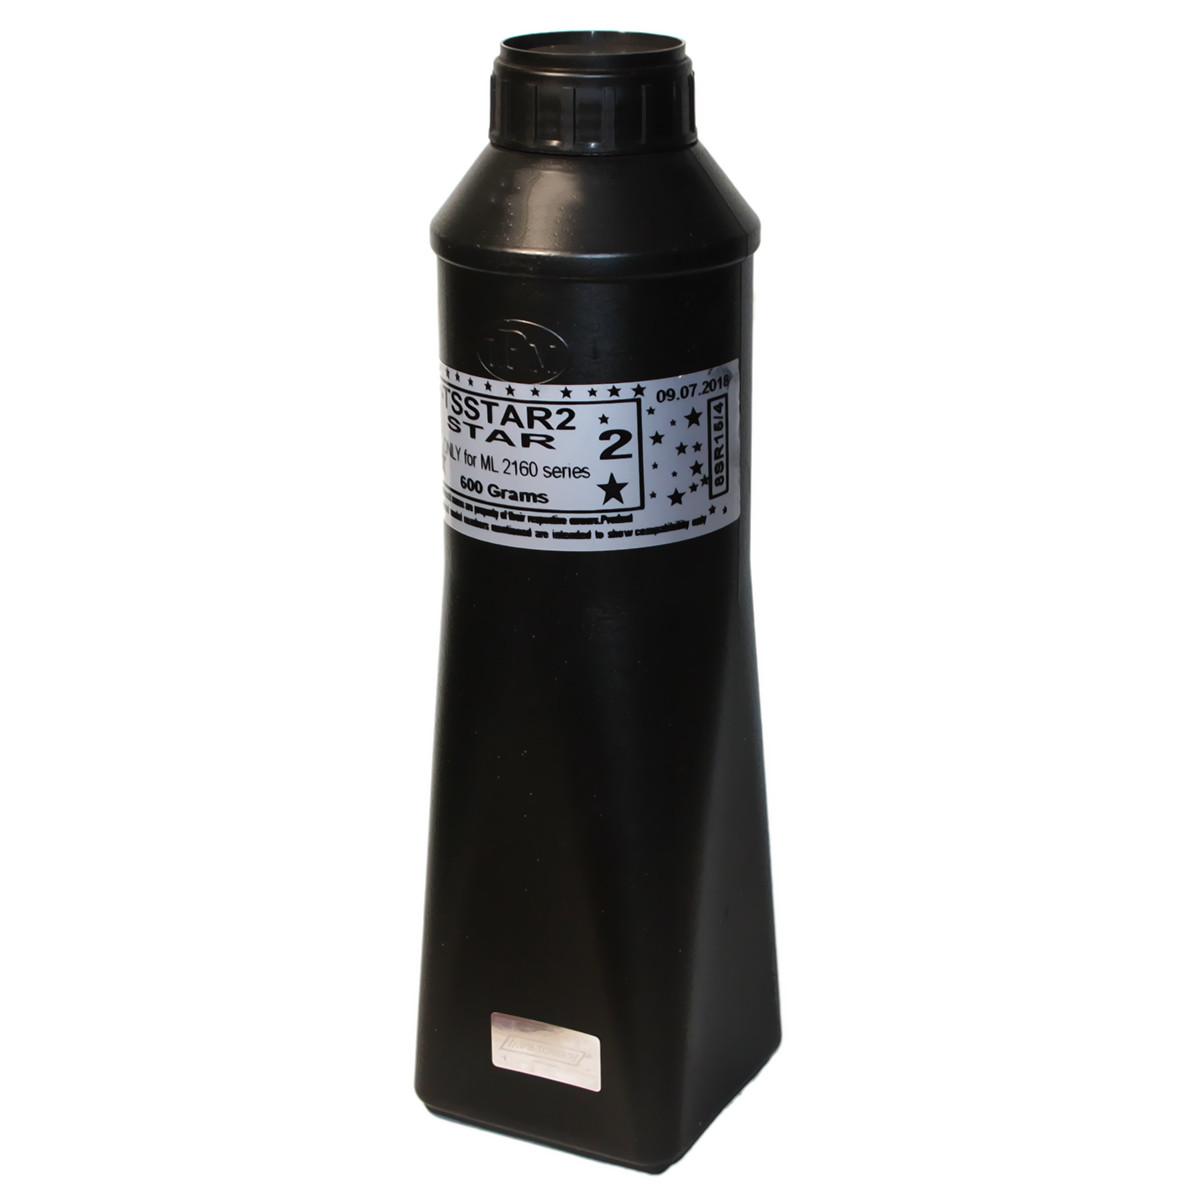 Тонер Samsung ML-2160/2165, SCX-3400/3405, SL-M2020/2070, 600 г, IPM (TSSTAR2)